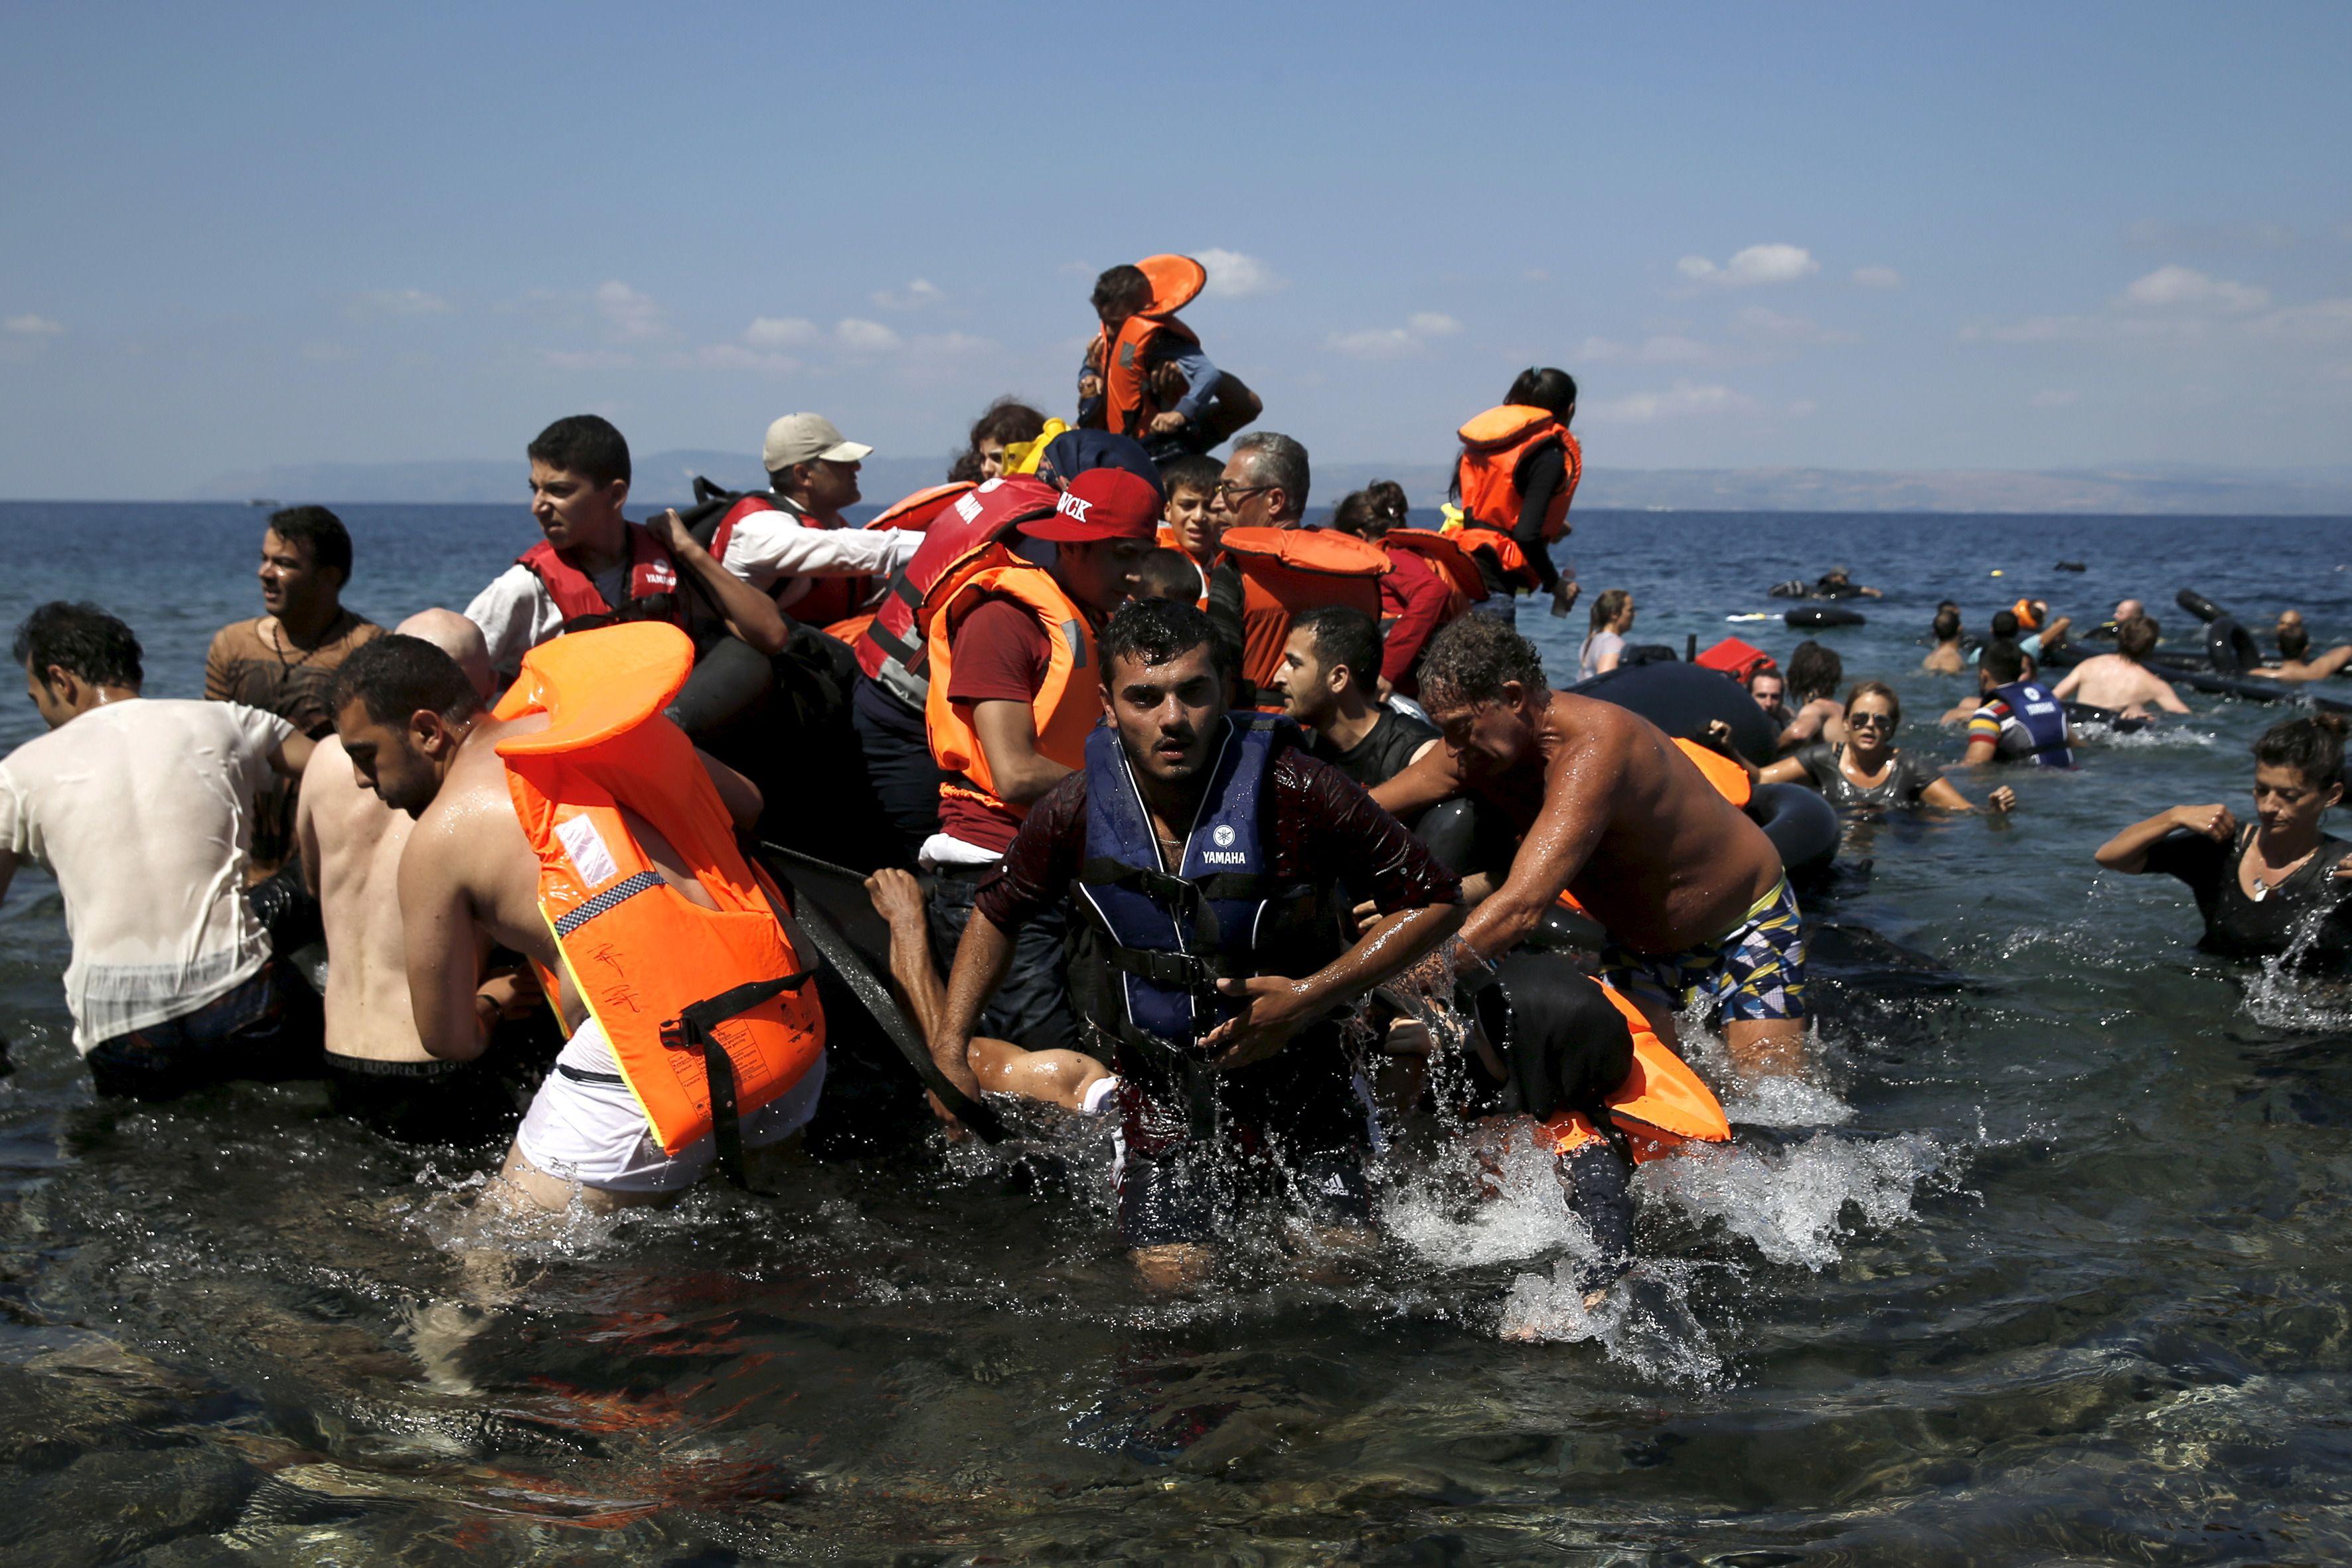 Les gardes-côtes ont indiqué avoir sauvé 68 passagers, tandis que 29 autres ont survécu en nageant jusqu'à une plage de cette île du sud-est de la mer Égée